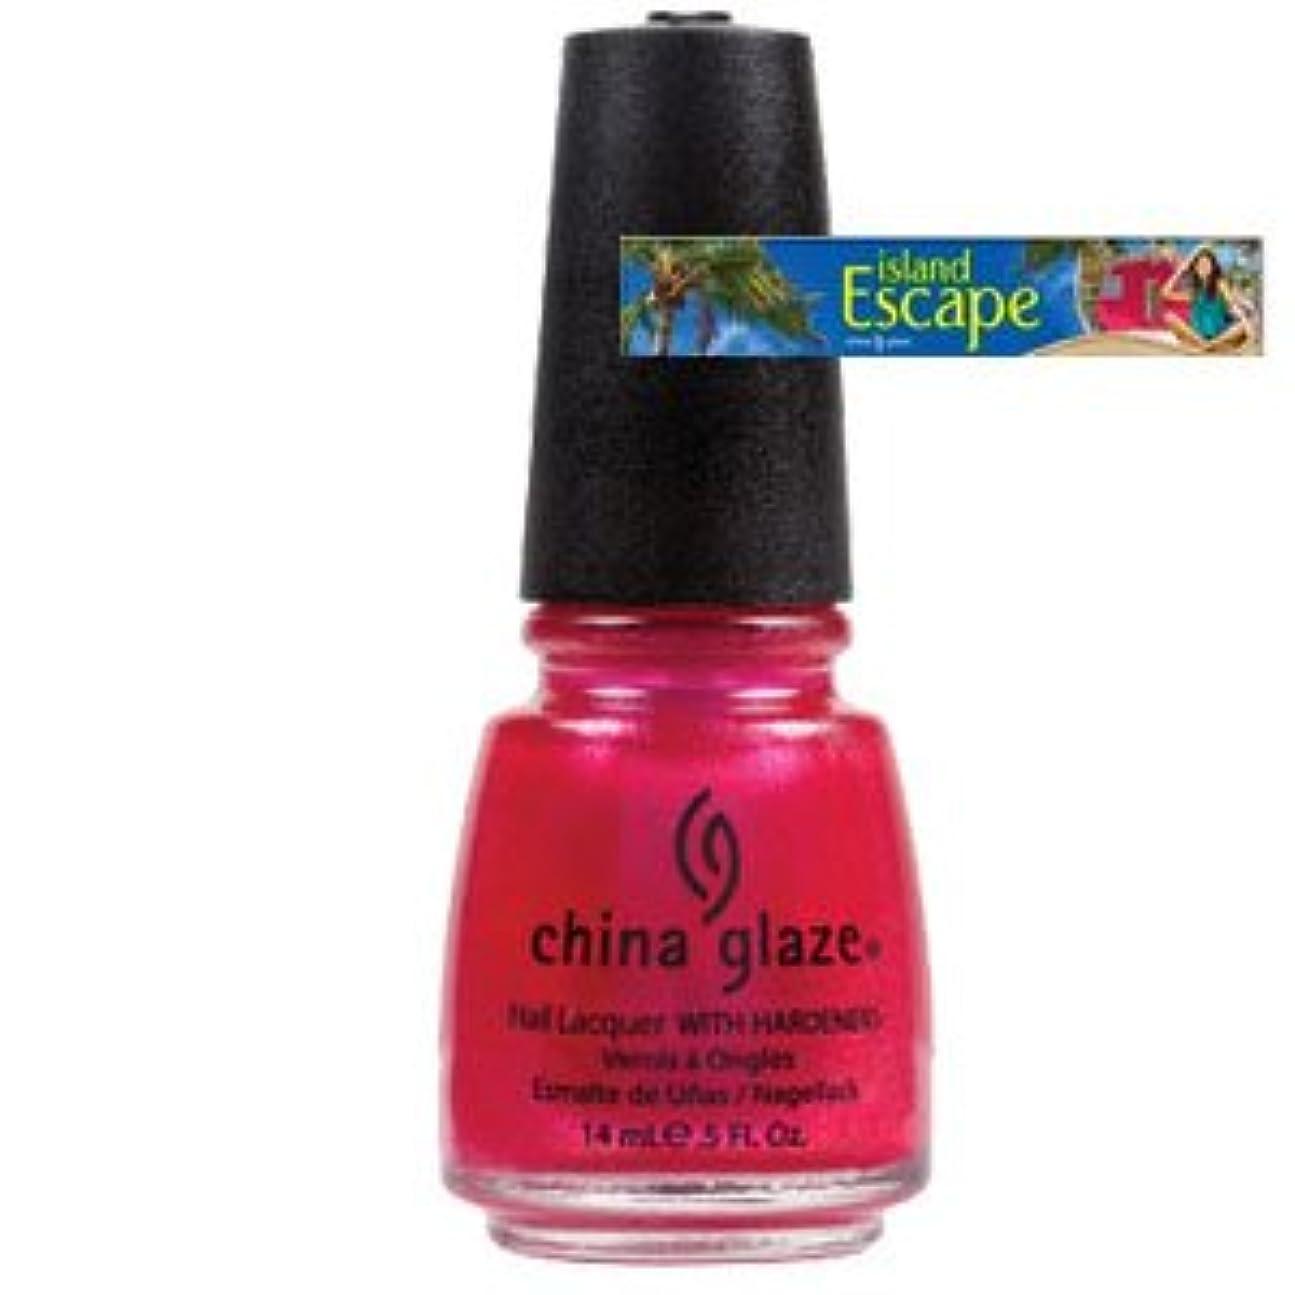 旧正月認知泣く(チャイナグレイズ)China Glaze アイランドエスケープコレクション?108 Degrees [海外直送品][並行輸入品]